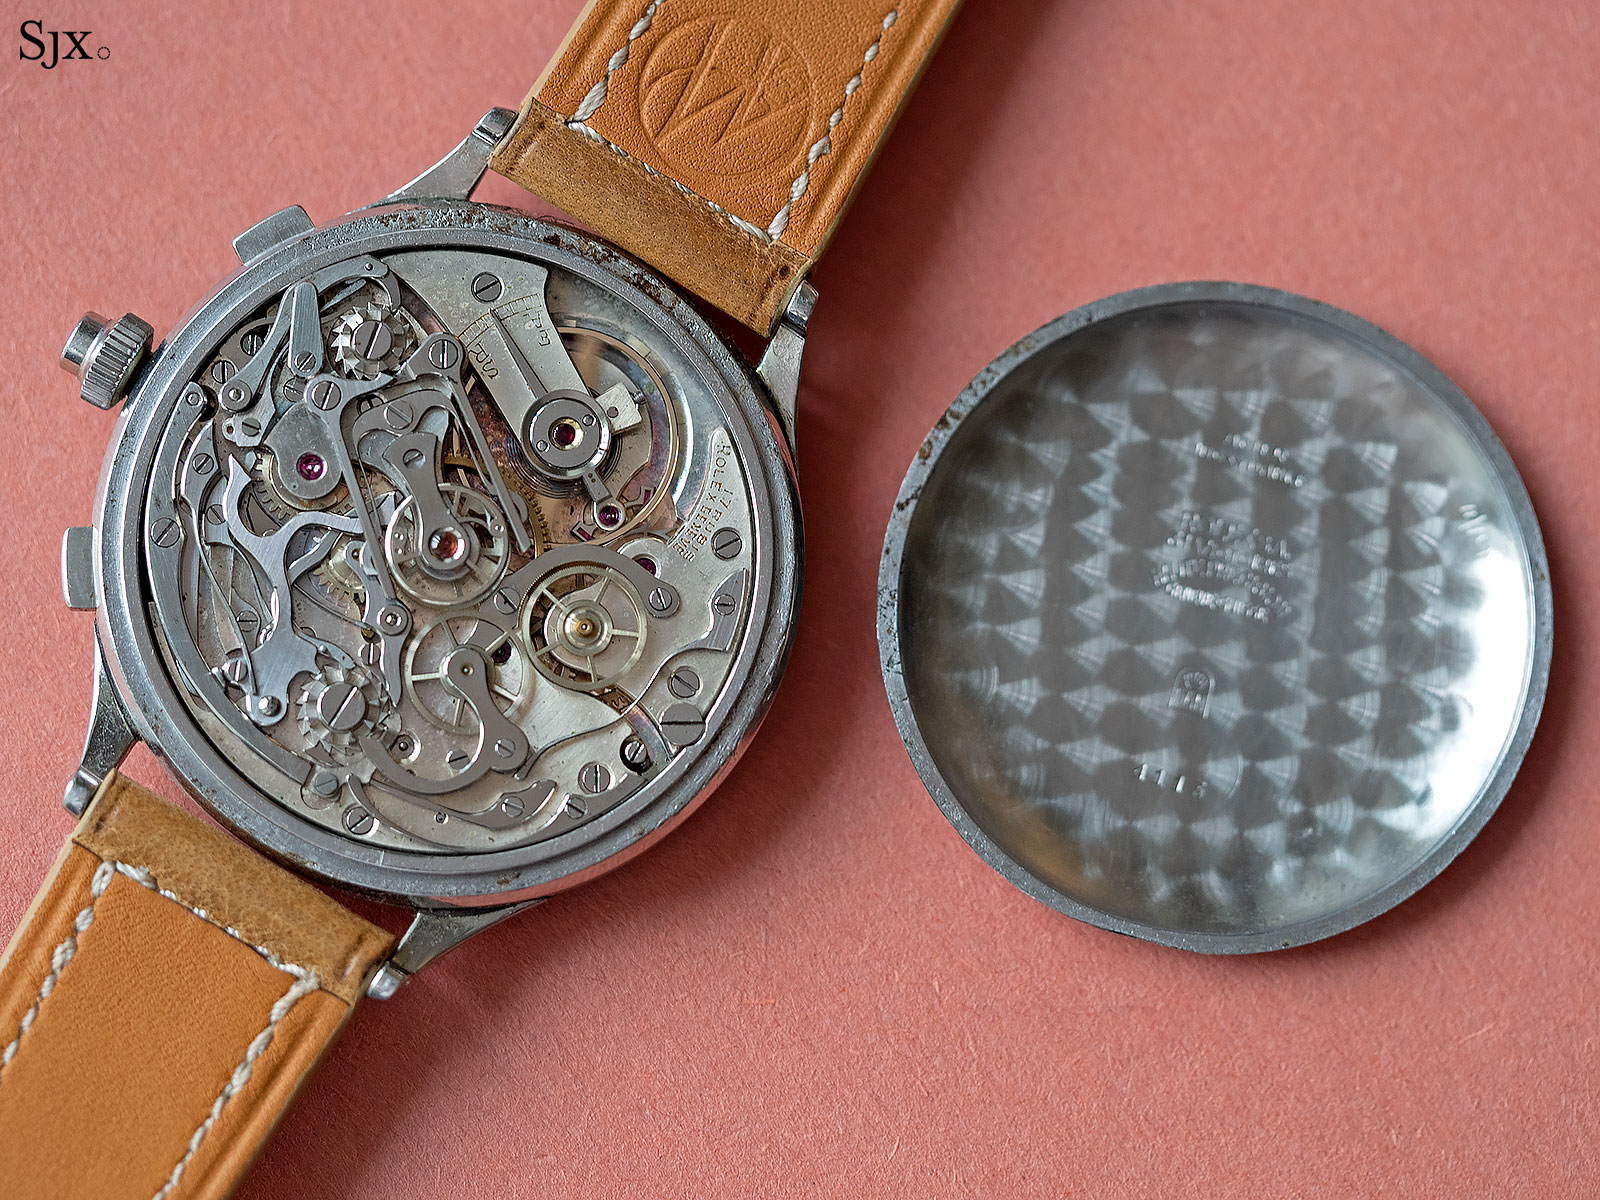 Rolex 4113 split seconds chronograph 10